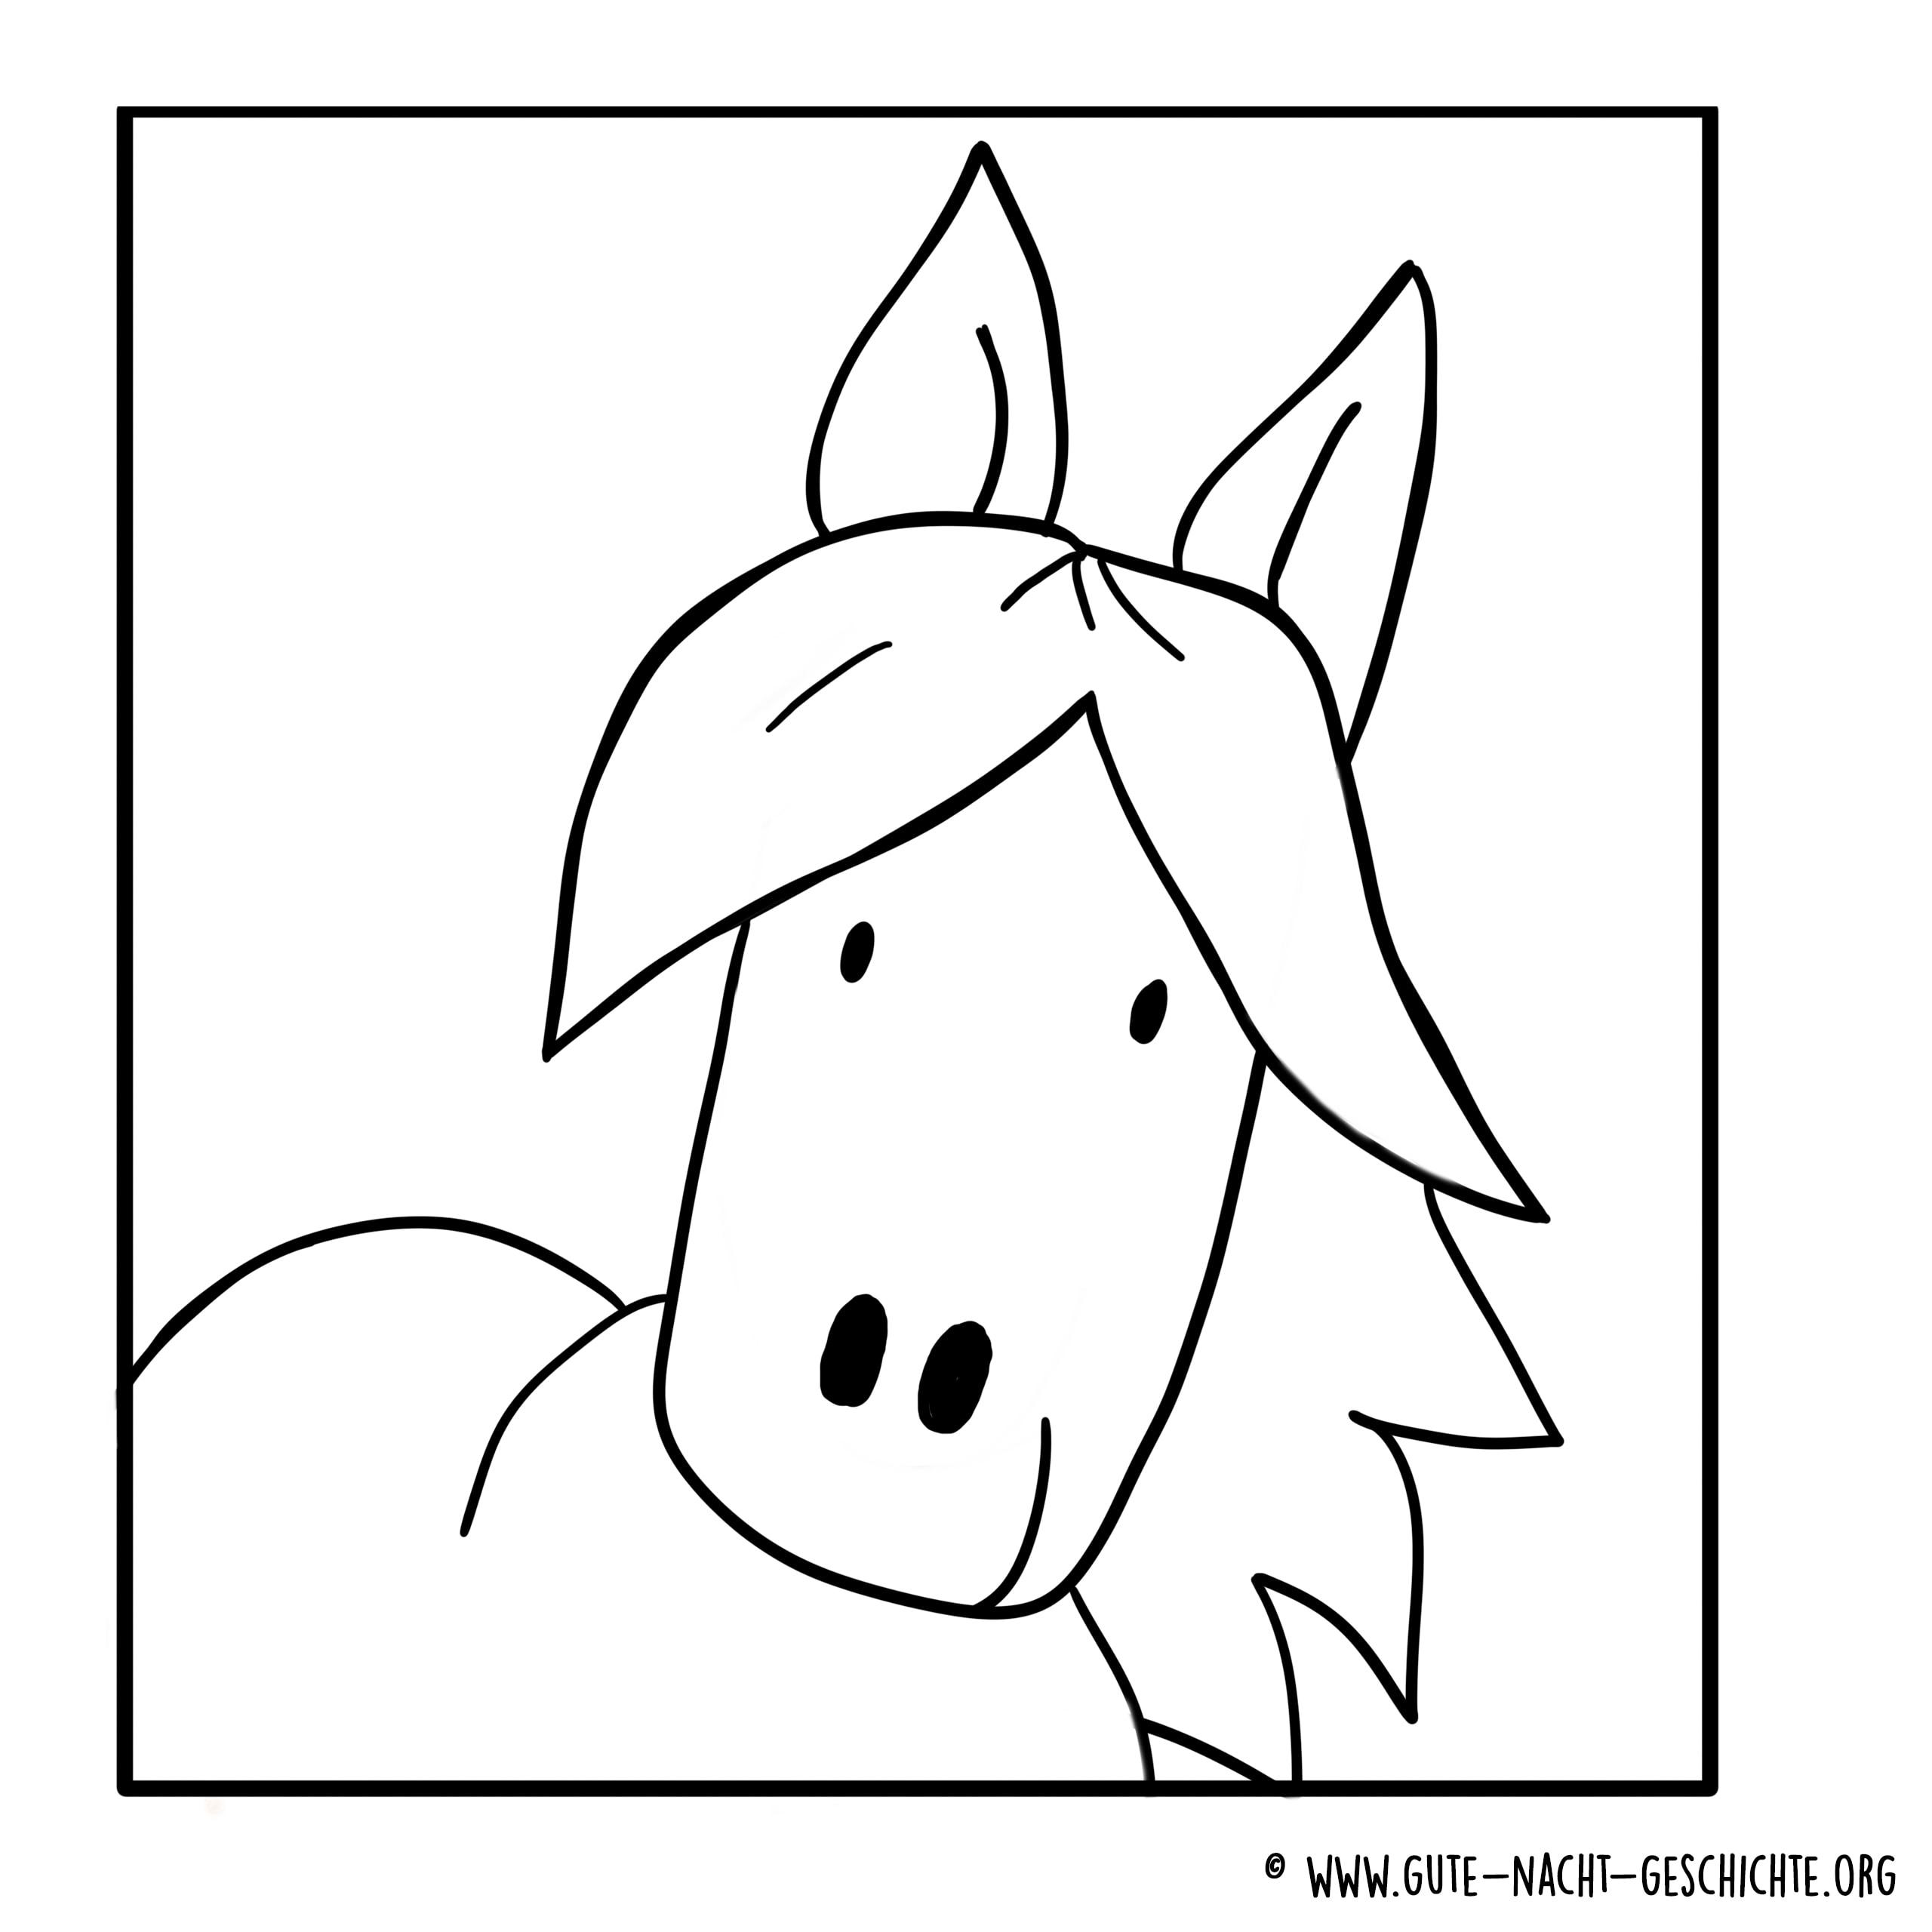 Pferde Ausmalbilder zum Ausdrucken - kostenlose Malvorlagen